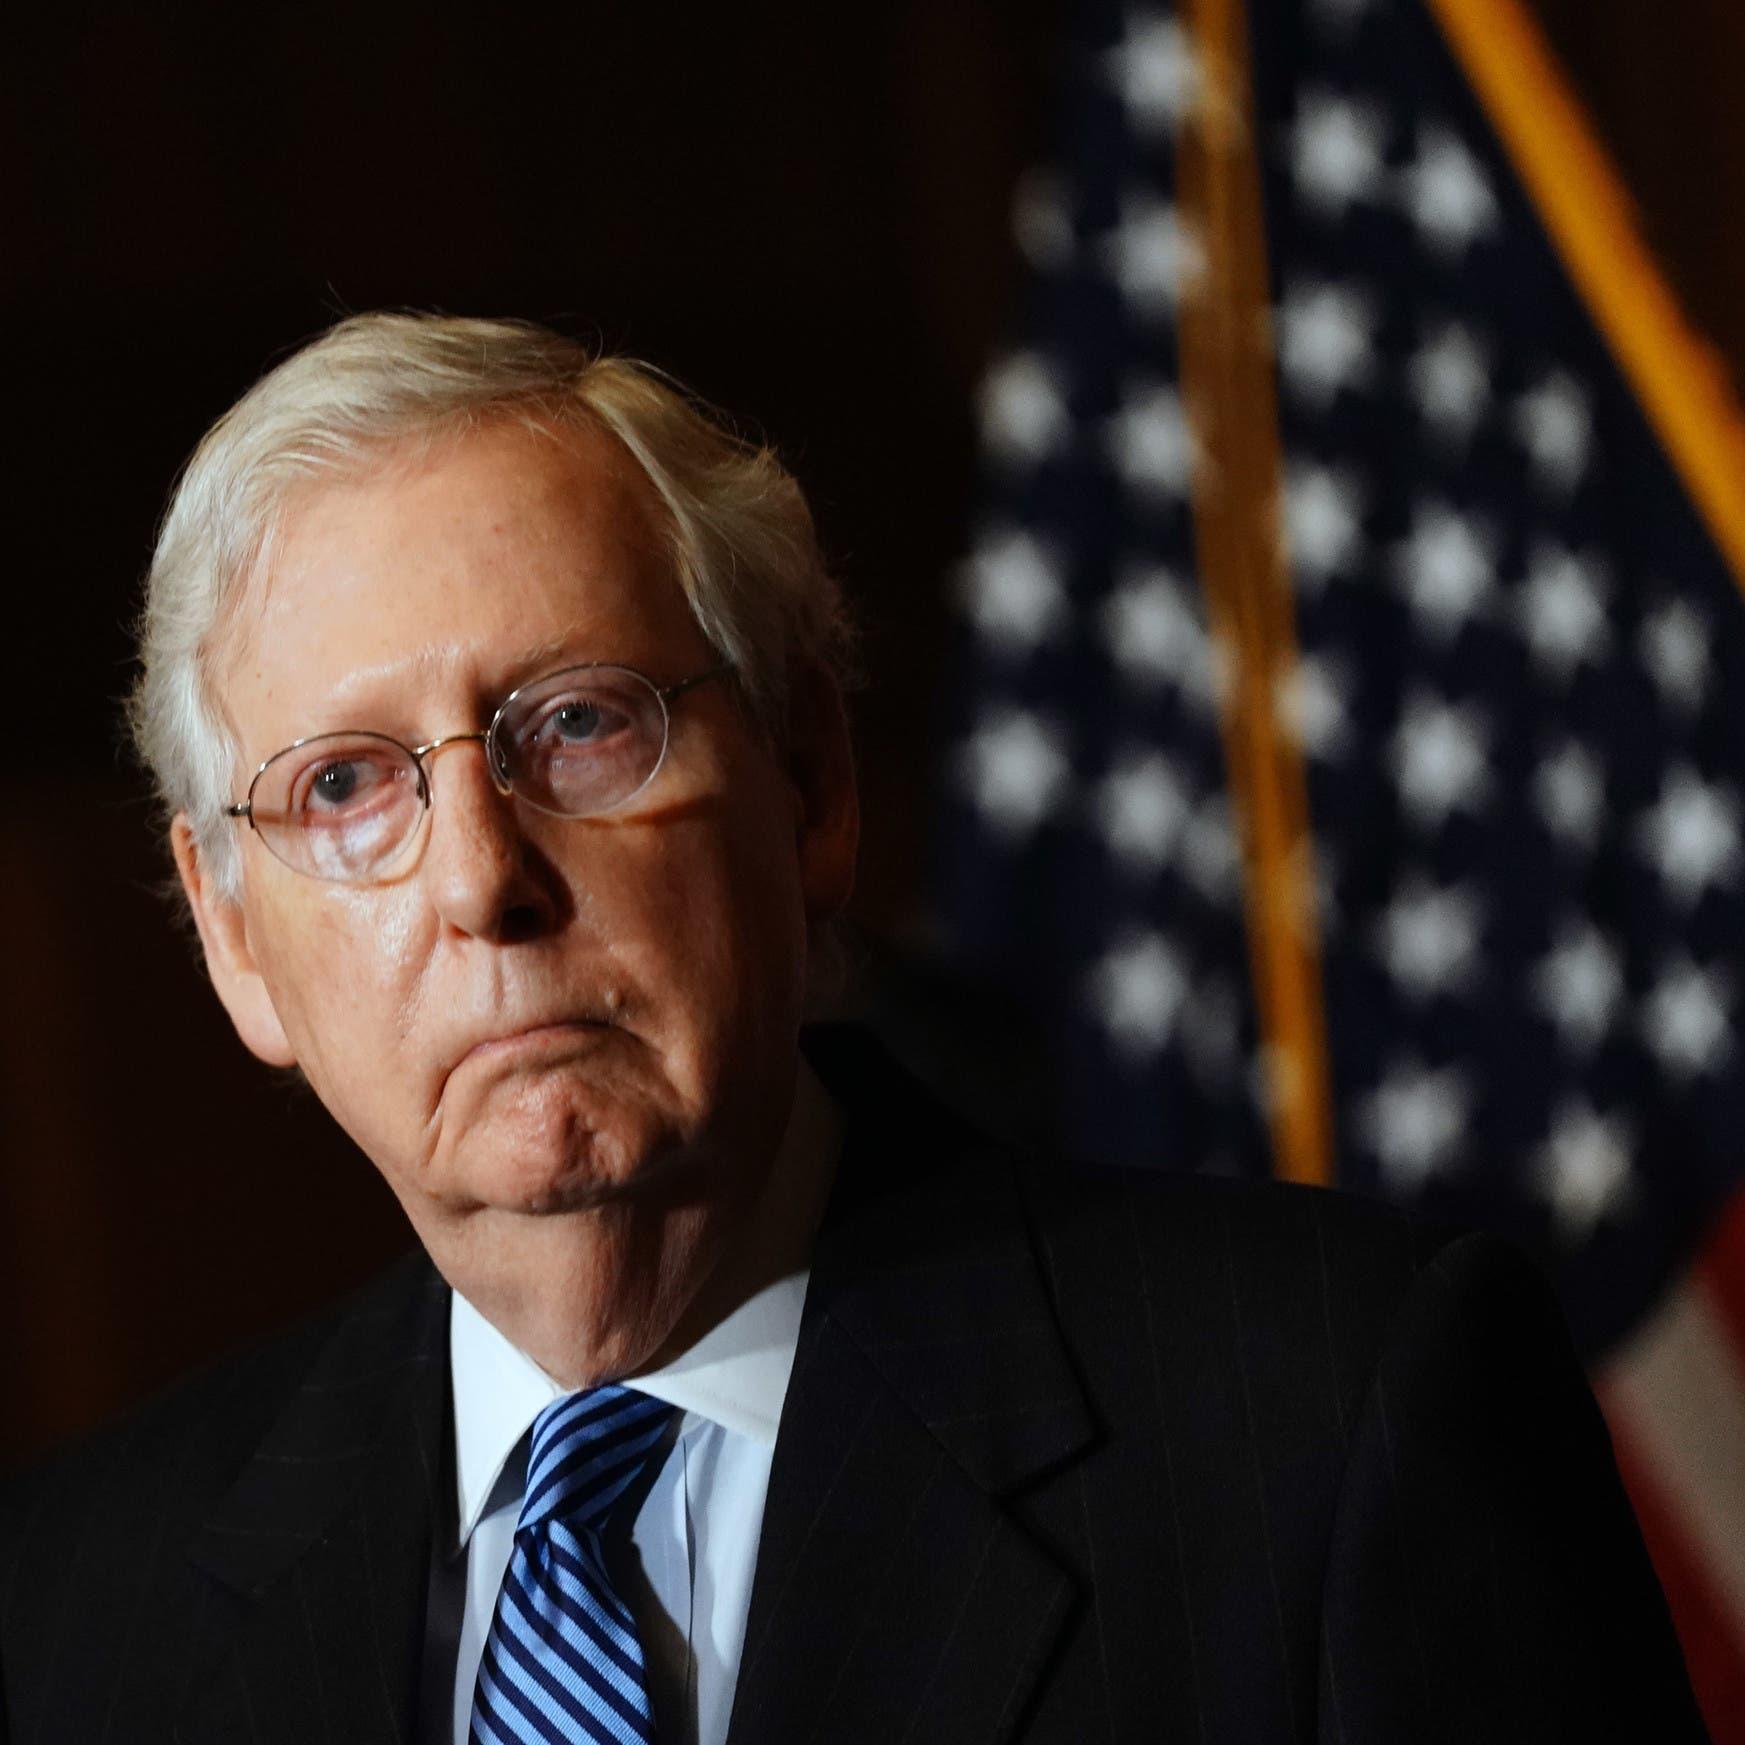 زعيم الجمهوريين بالشيوخ يهنئ بايدن: لدينا رئيس منتخب